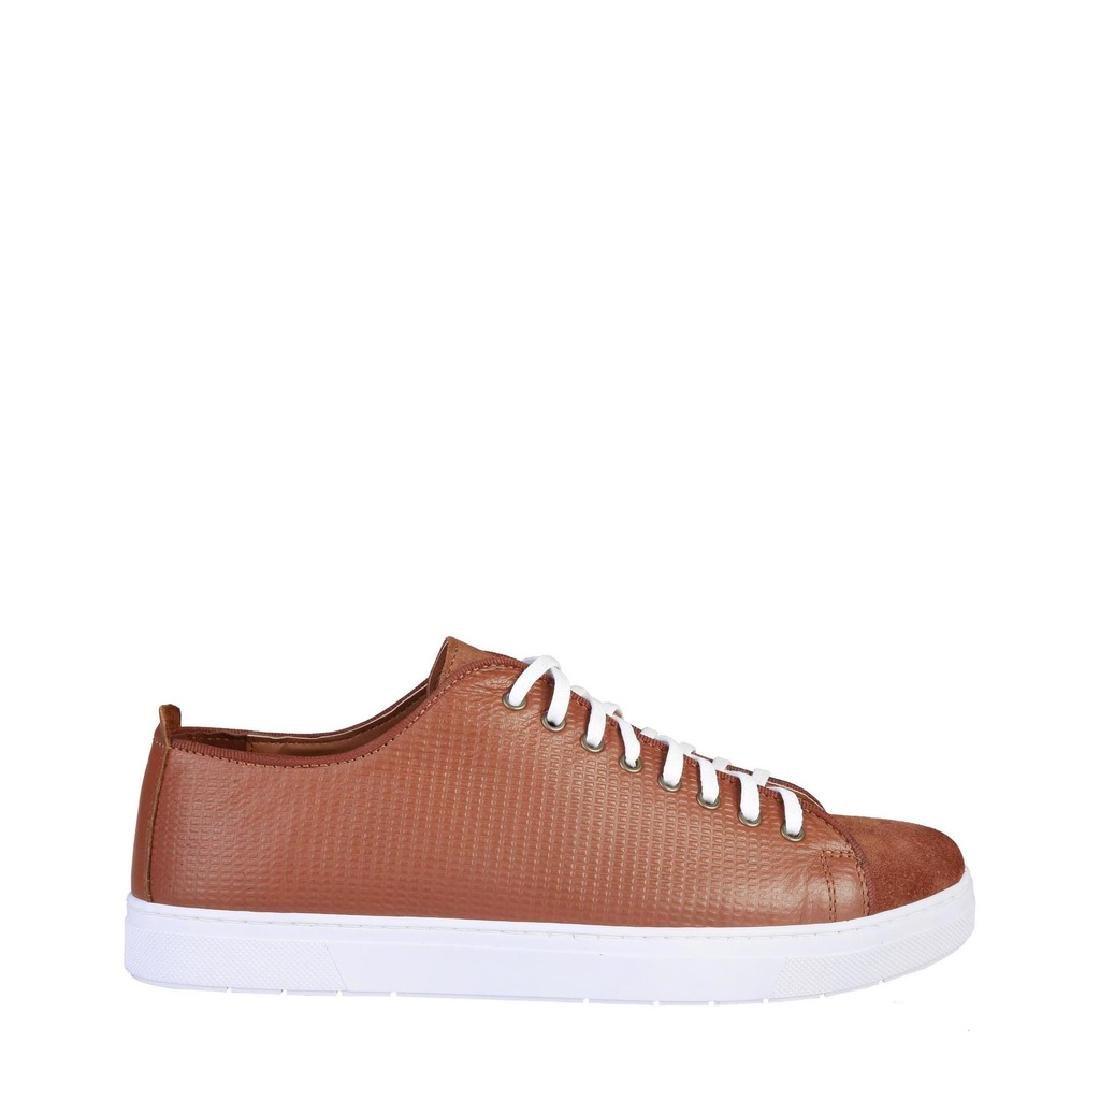 Men's Pierre Cardin Sneakers Shoes US 13 - 2